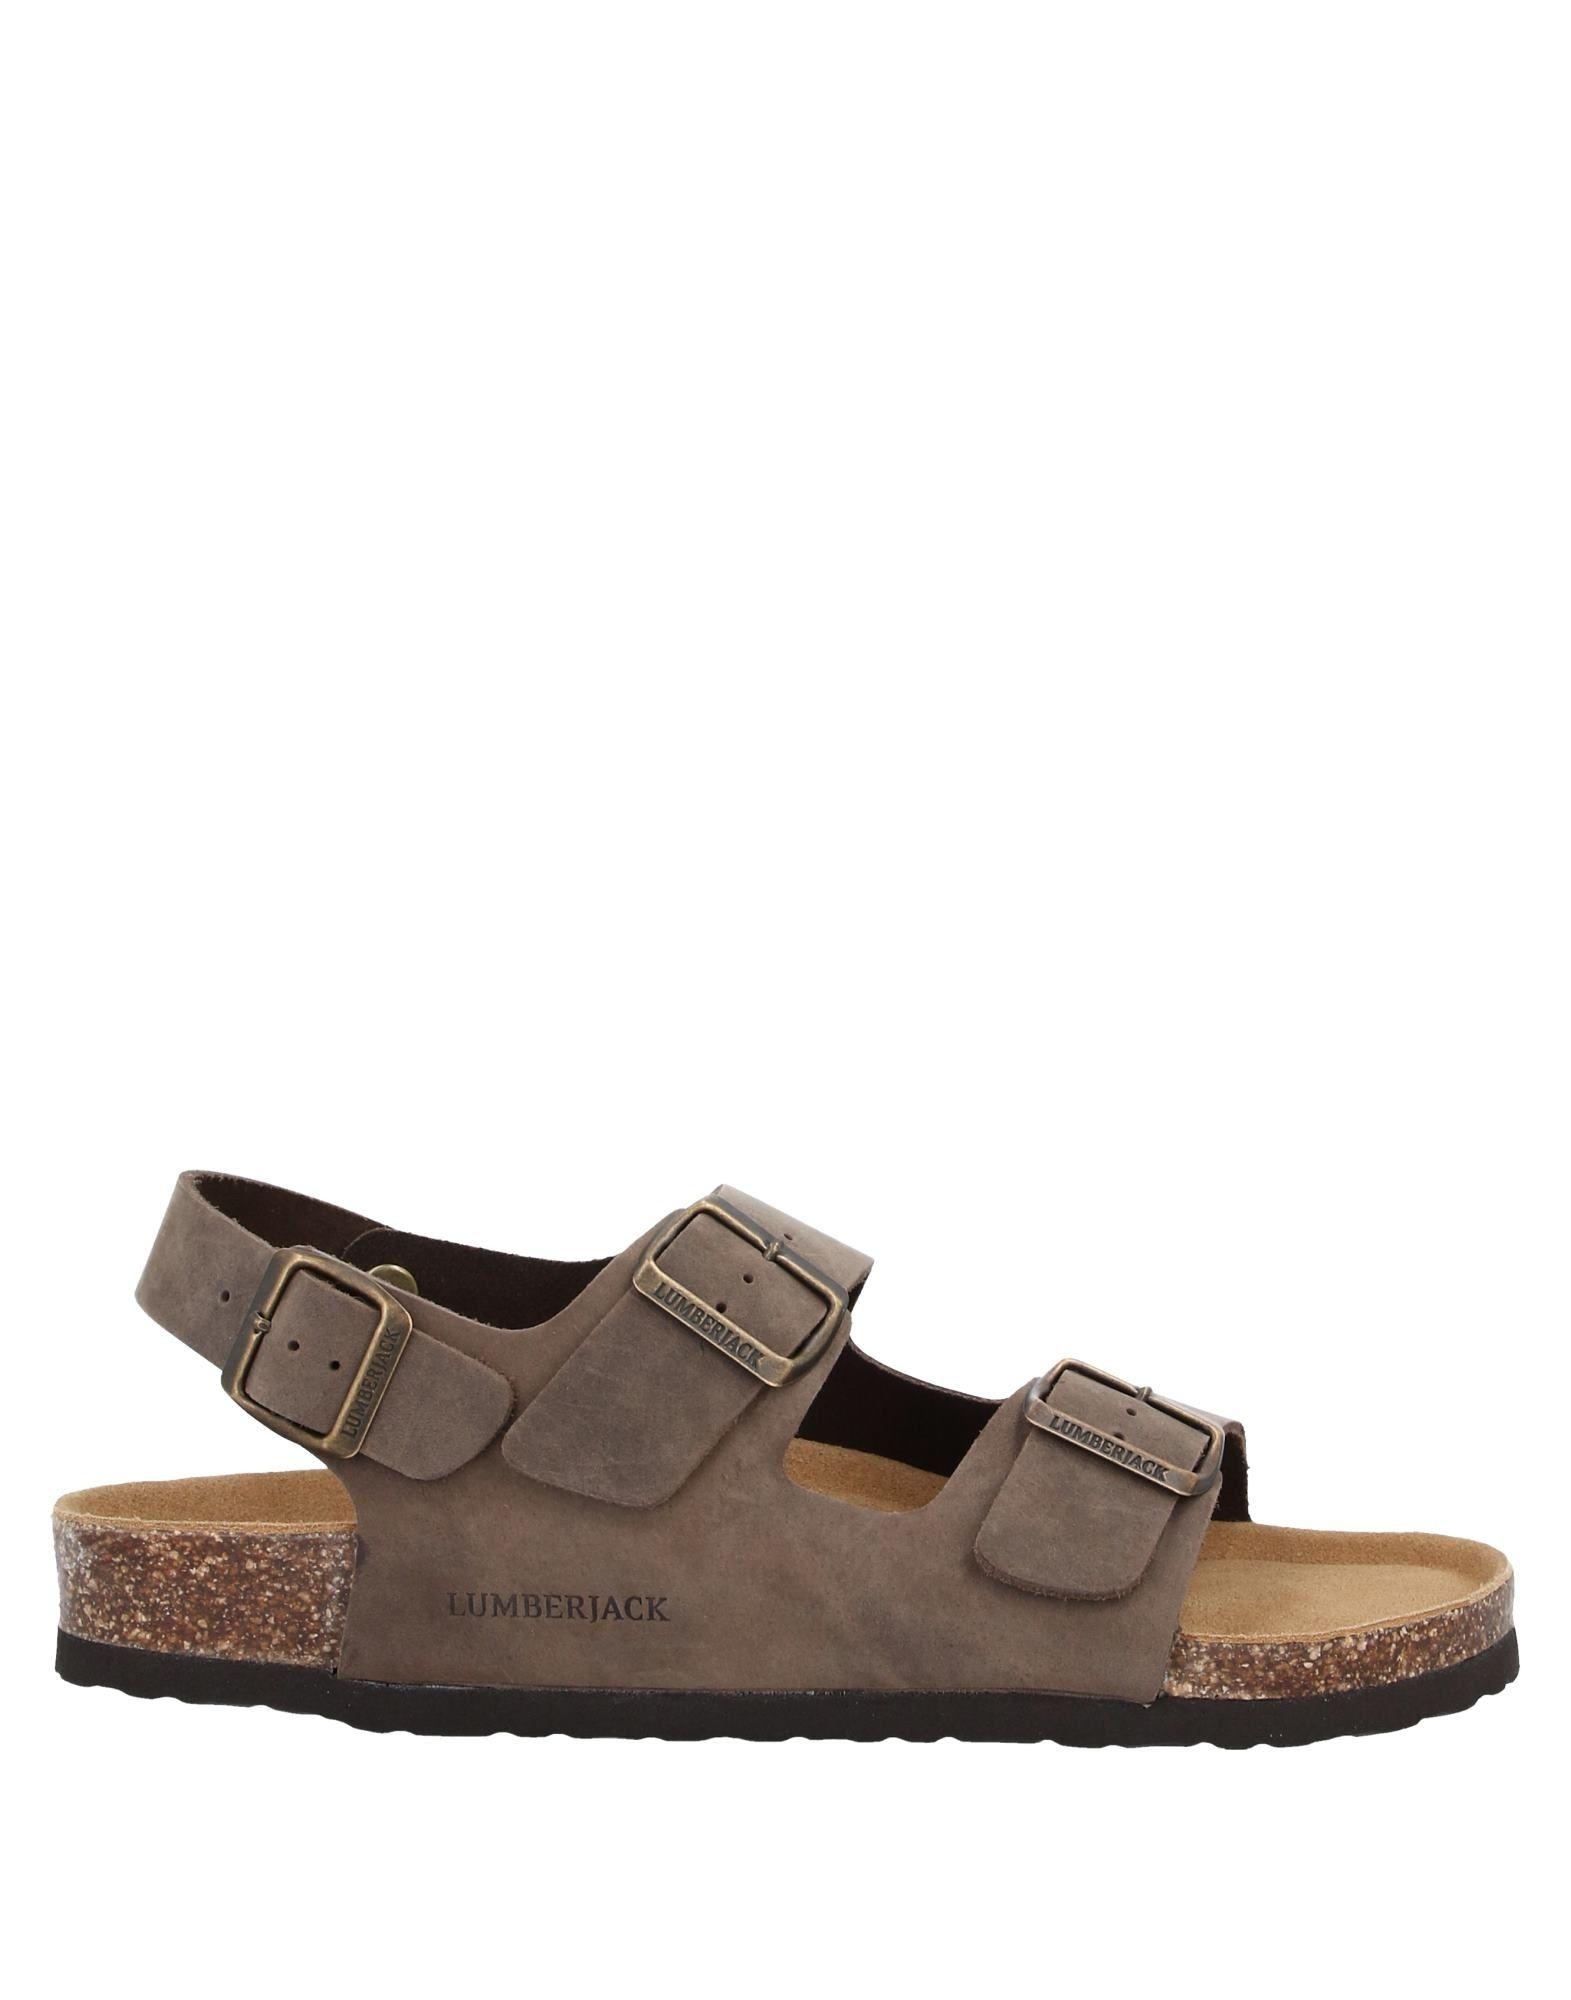 летние сандалии женские купить